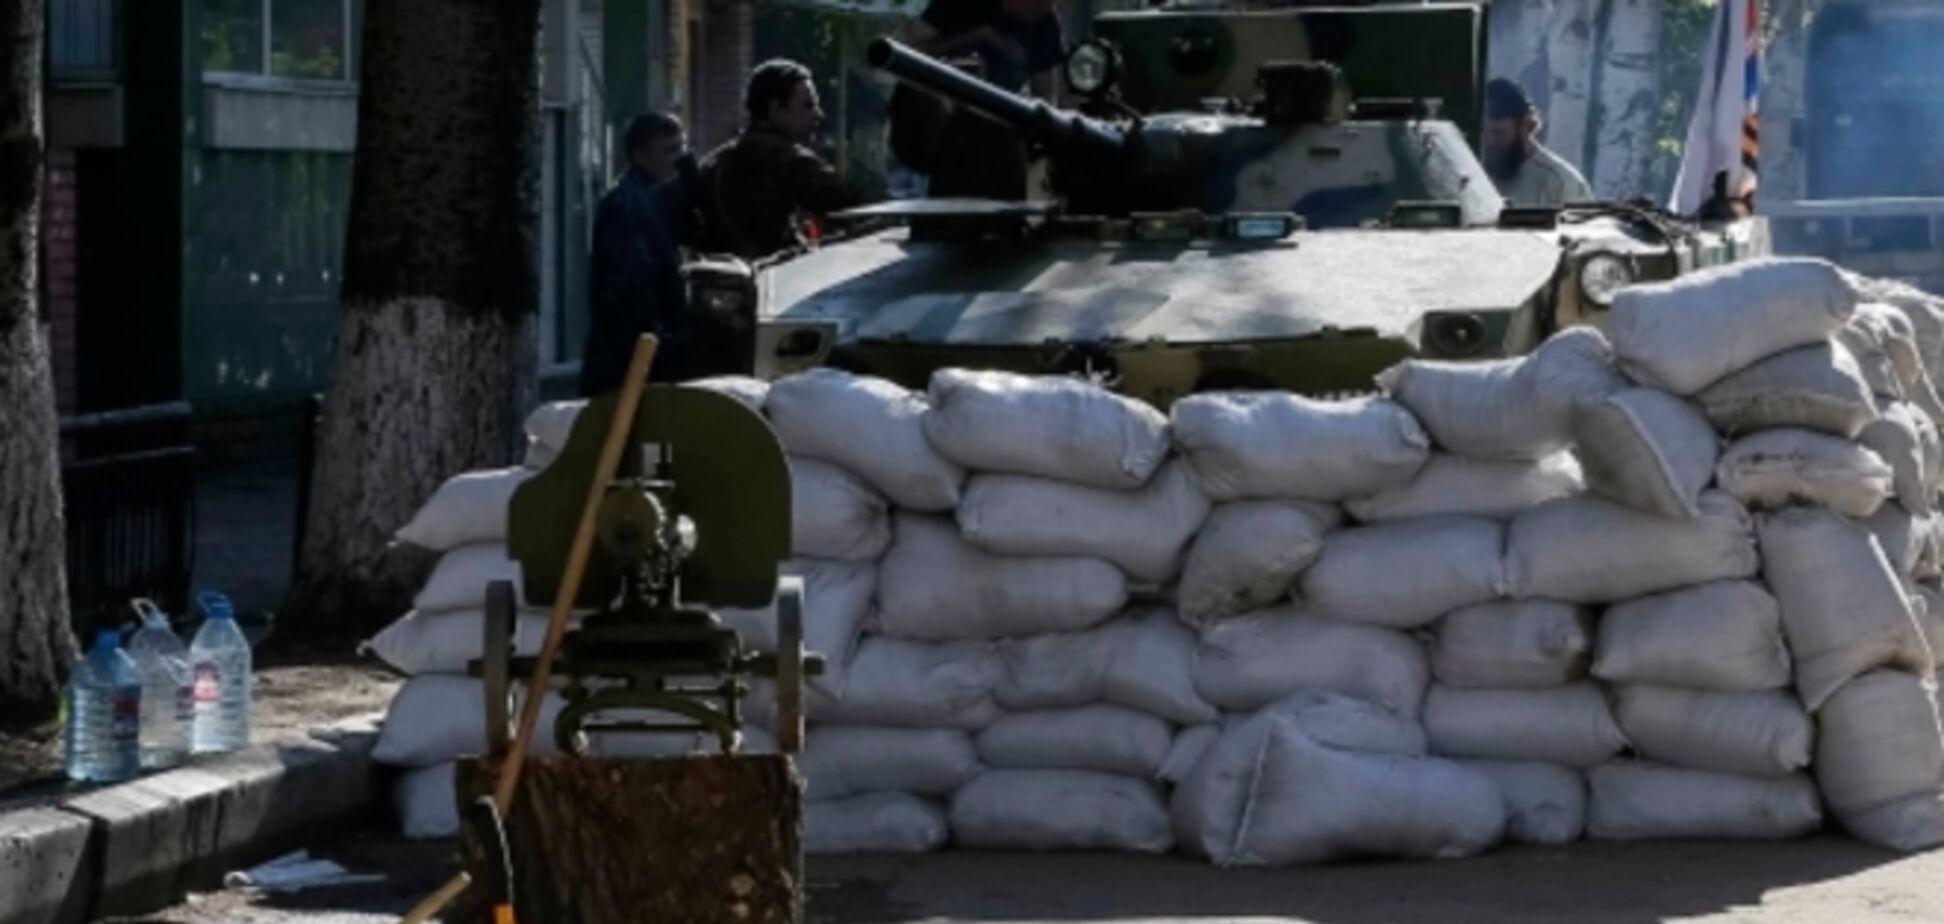 Ночь в Донецке прошла спокойно, но появился новый блокпост